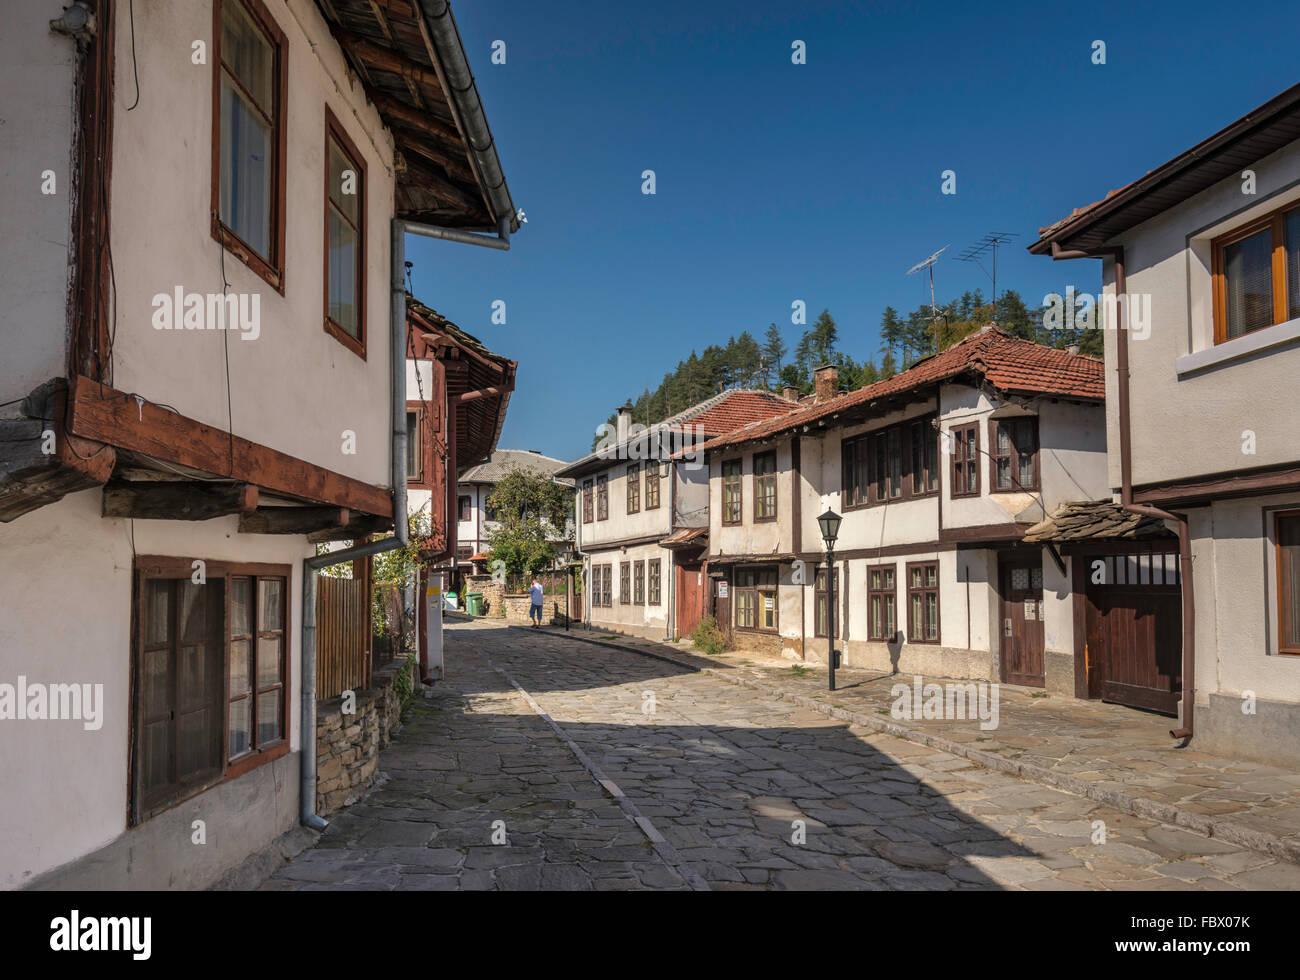 Historic buildings, Bulgarian National Revival style, Petko Slaveykov Street in Tryavna, Bulgaria - Stock Image